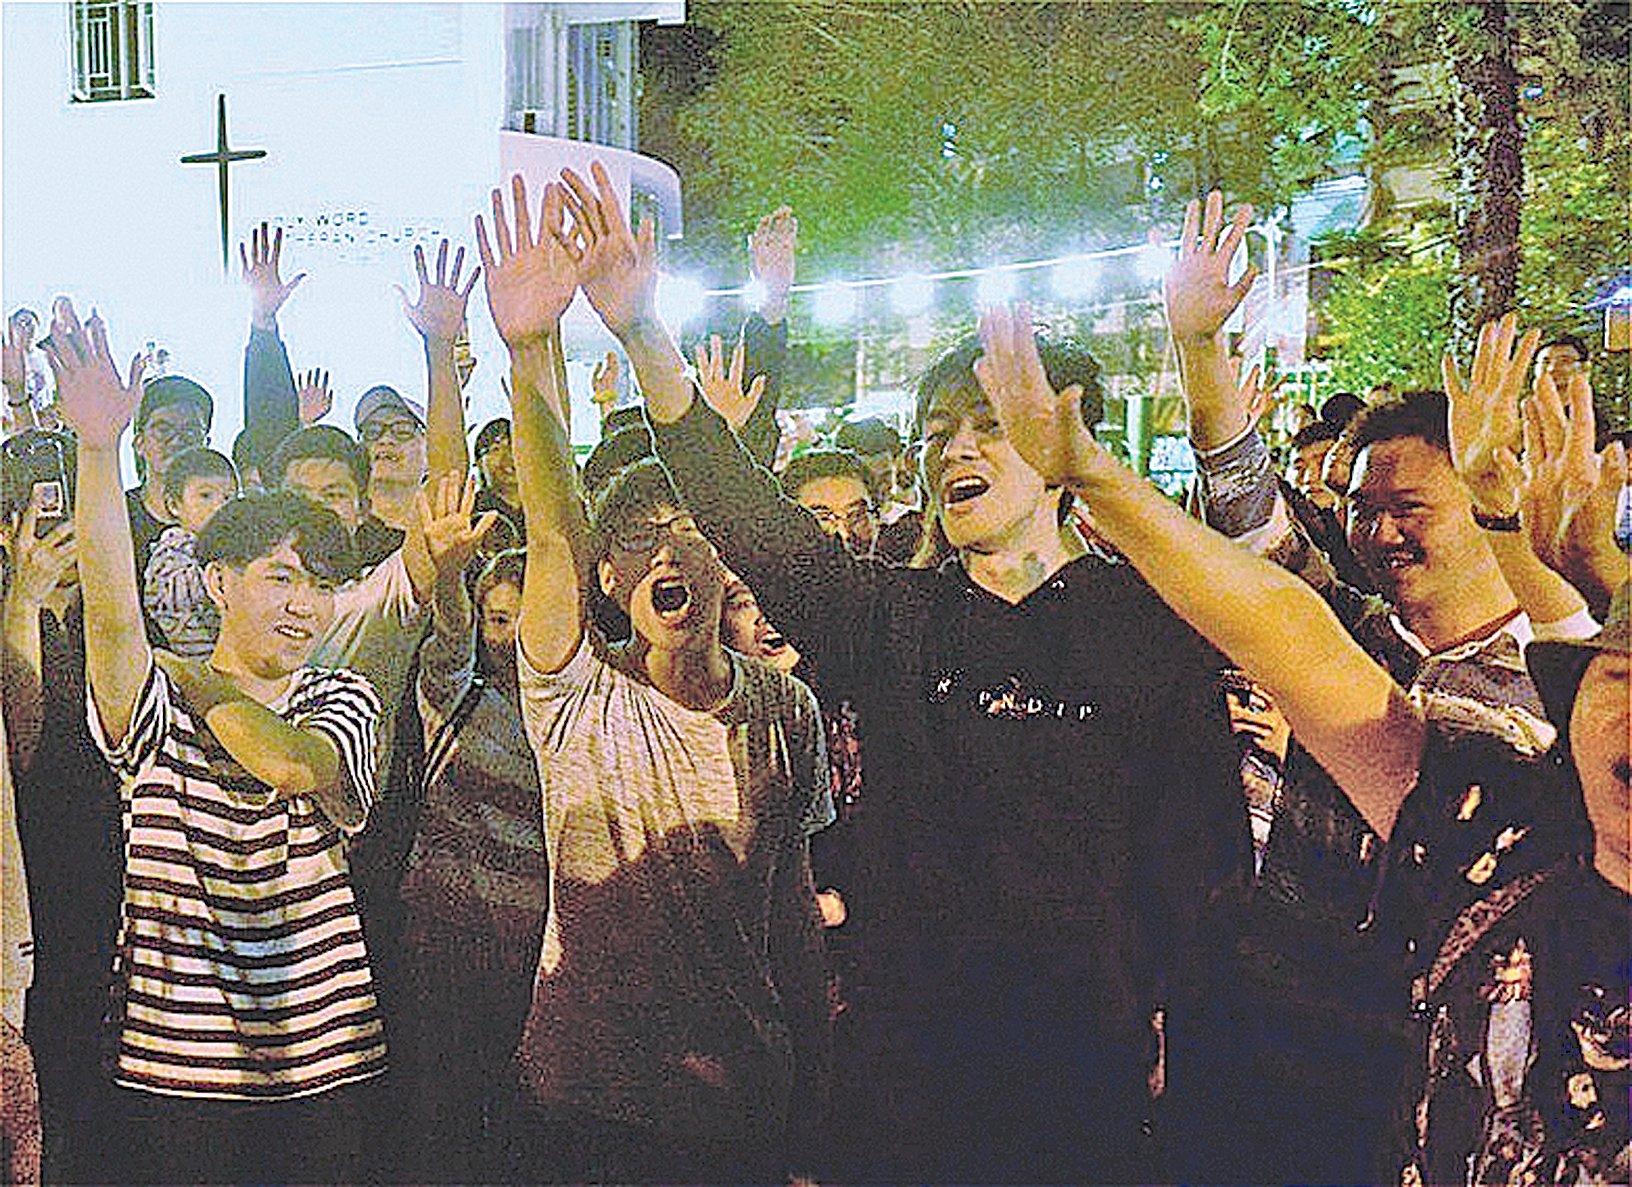 25日凌晨,香港舉行區議會選舉,屯門樂翠選區候選人盧俊宇勝出何君堯後,民眾歡呼。(余天祐/大紀元)